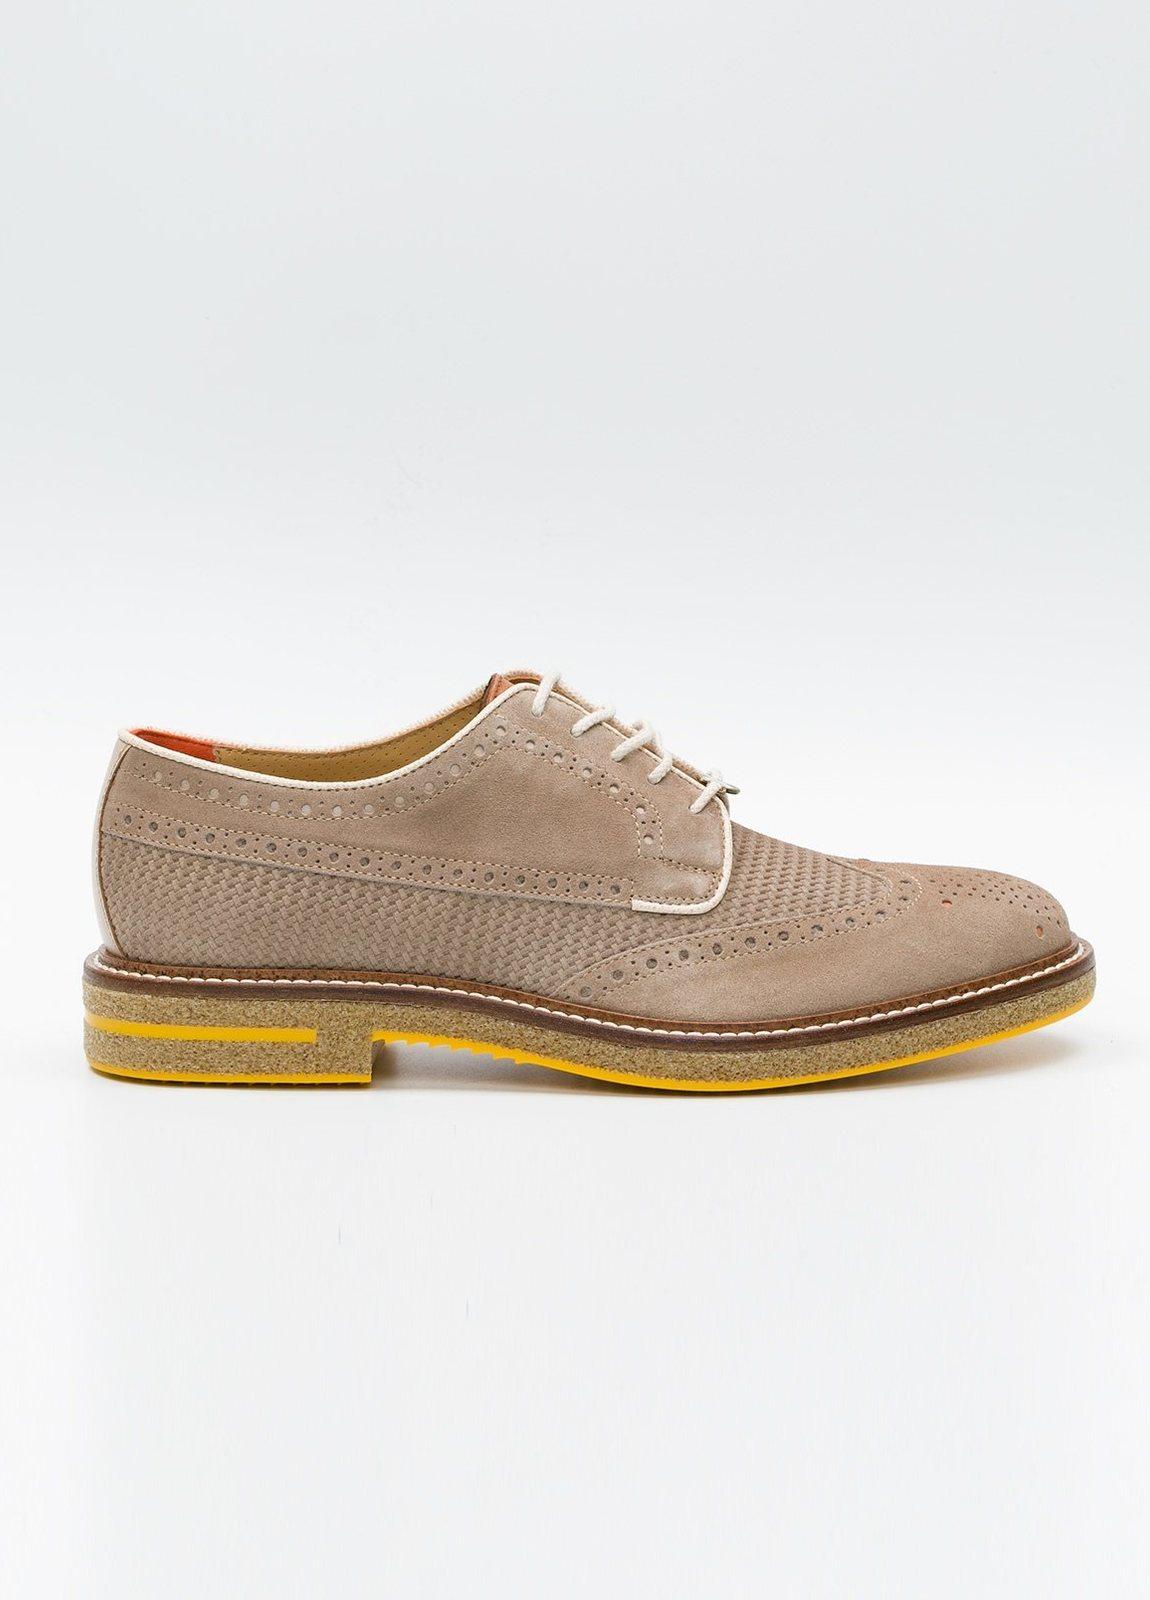 Zapato Formal Wear color beige suela amarilla, 100% Ante.